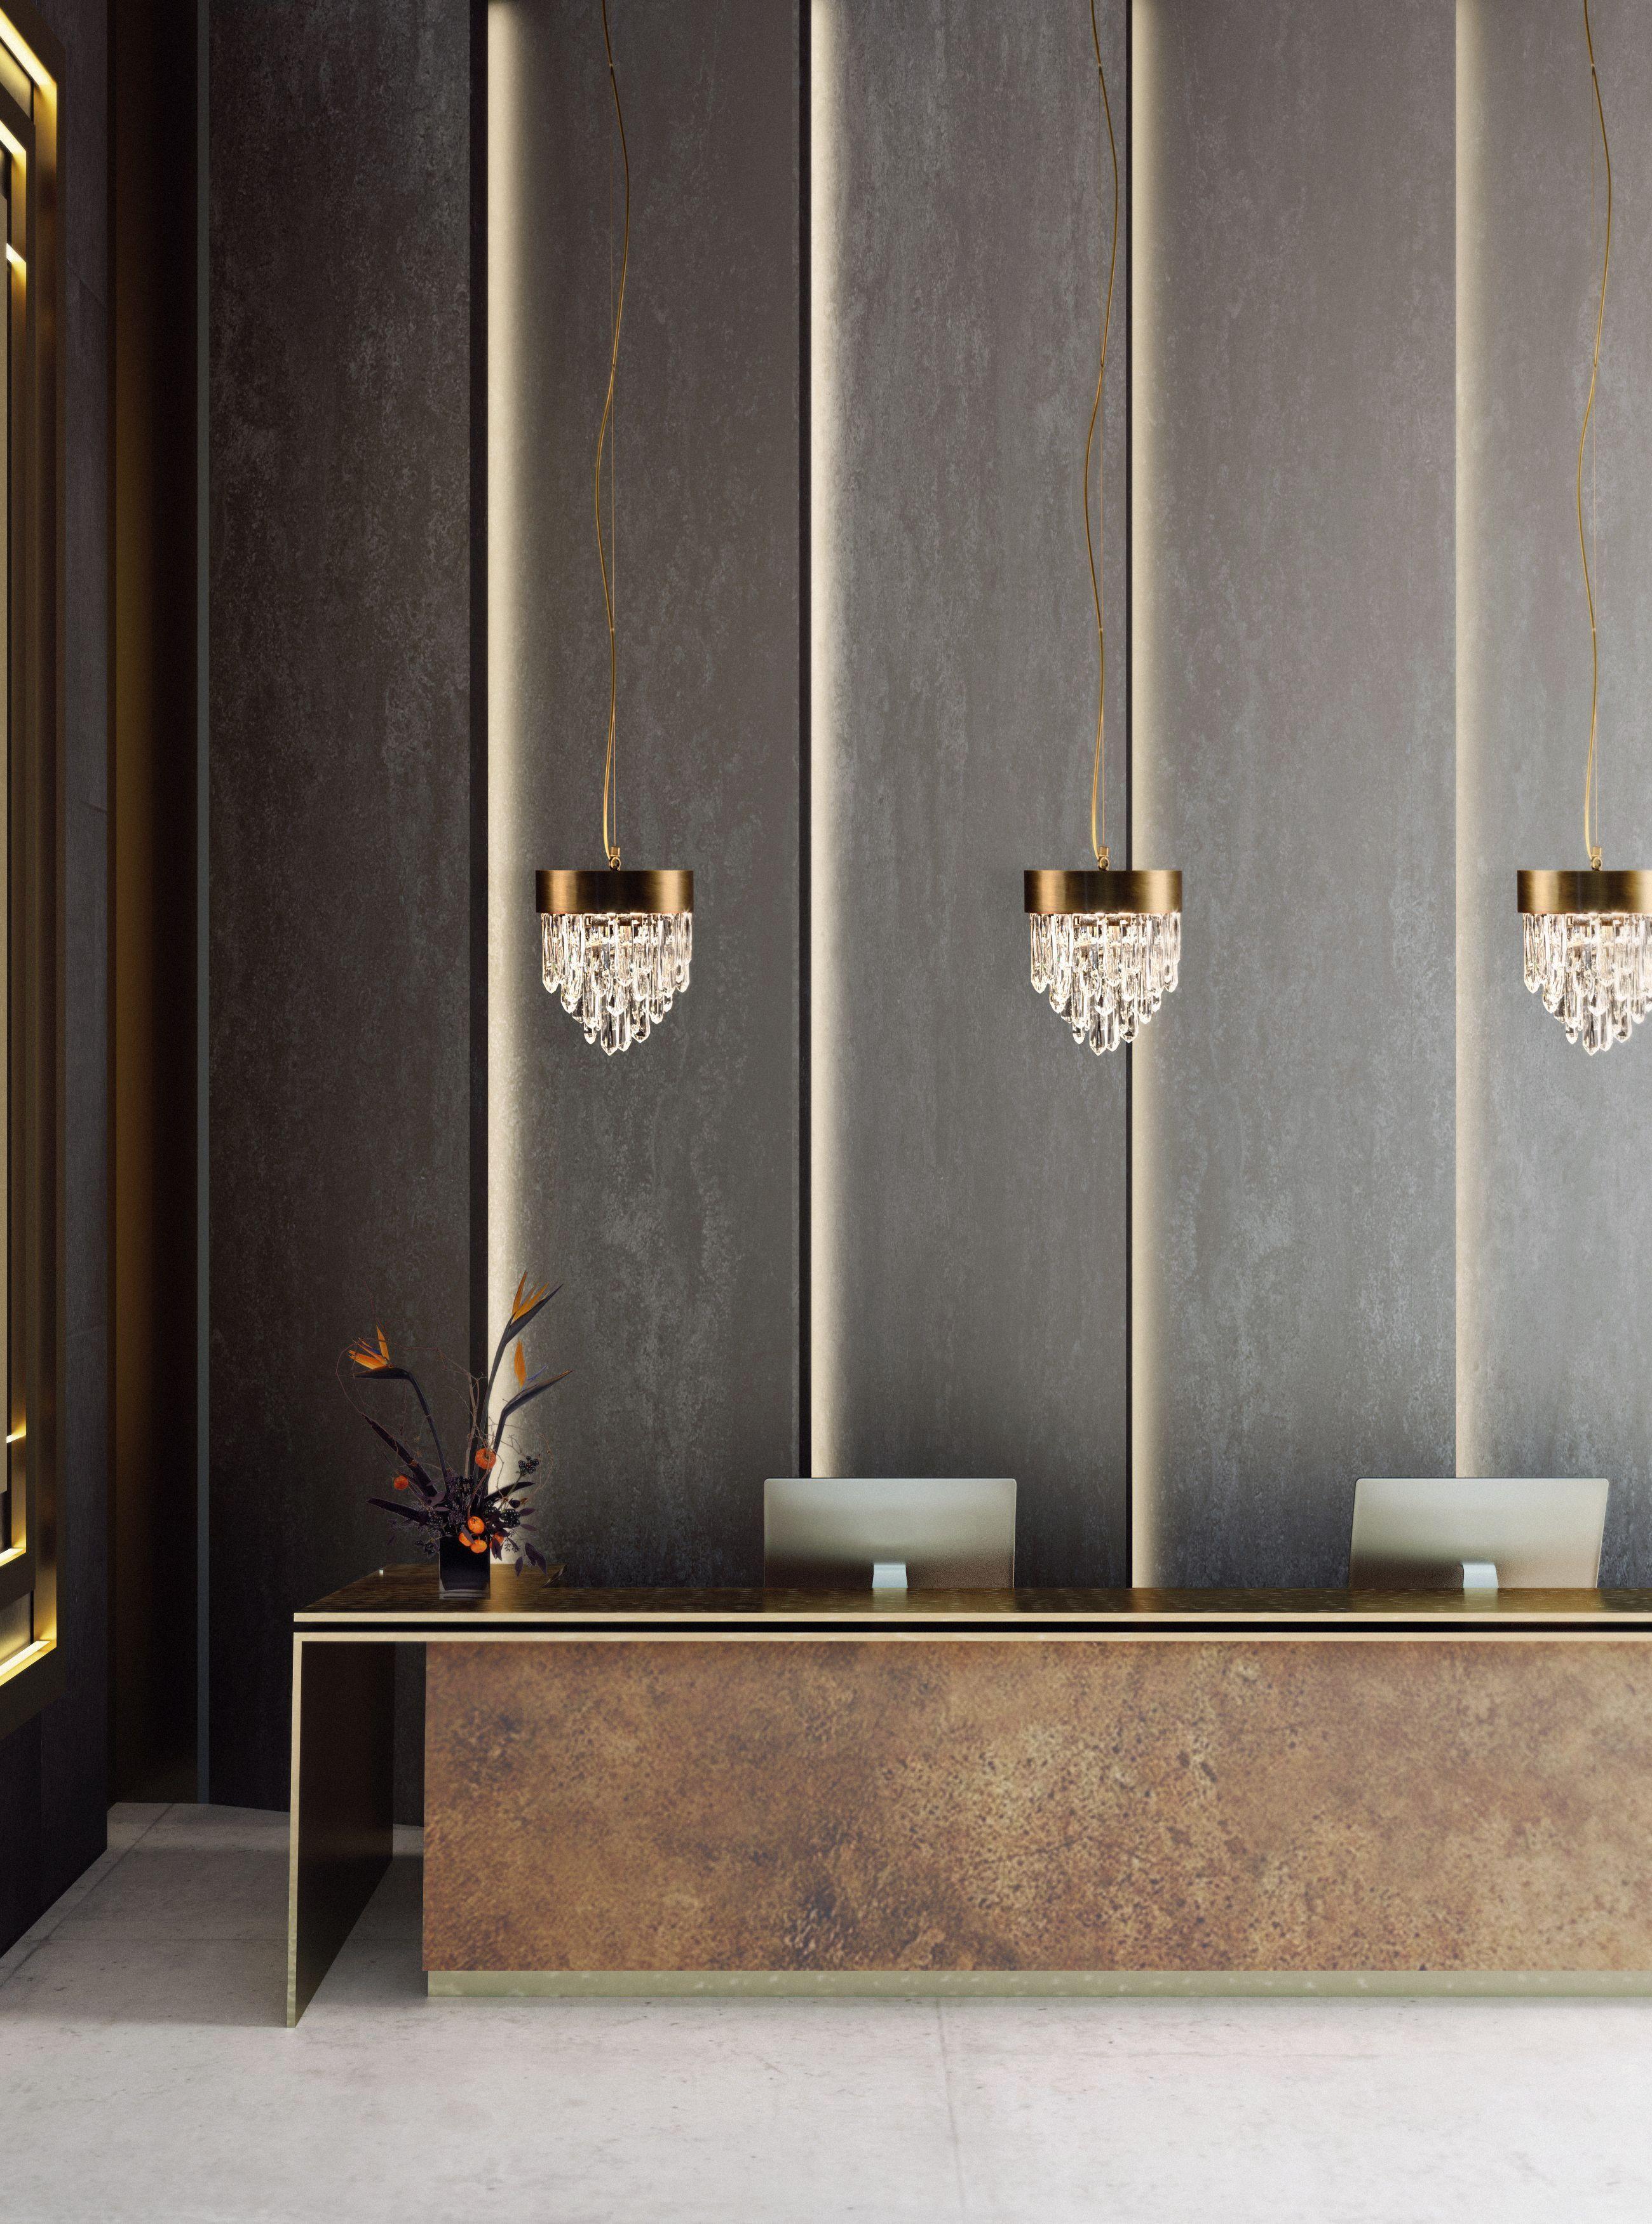 25 Best Interior Textured Wall Designs 25